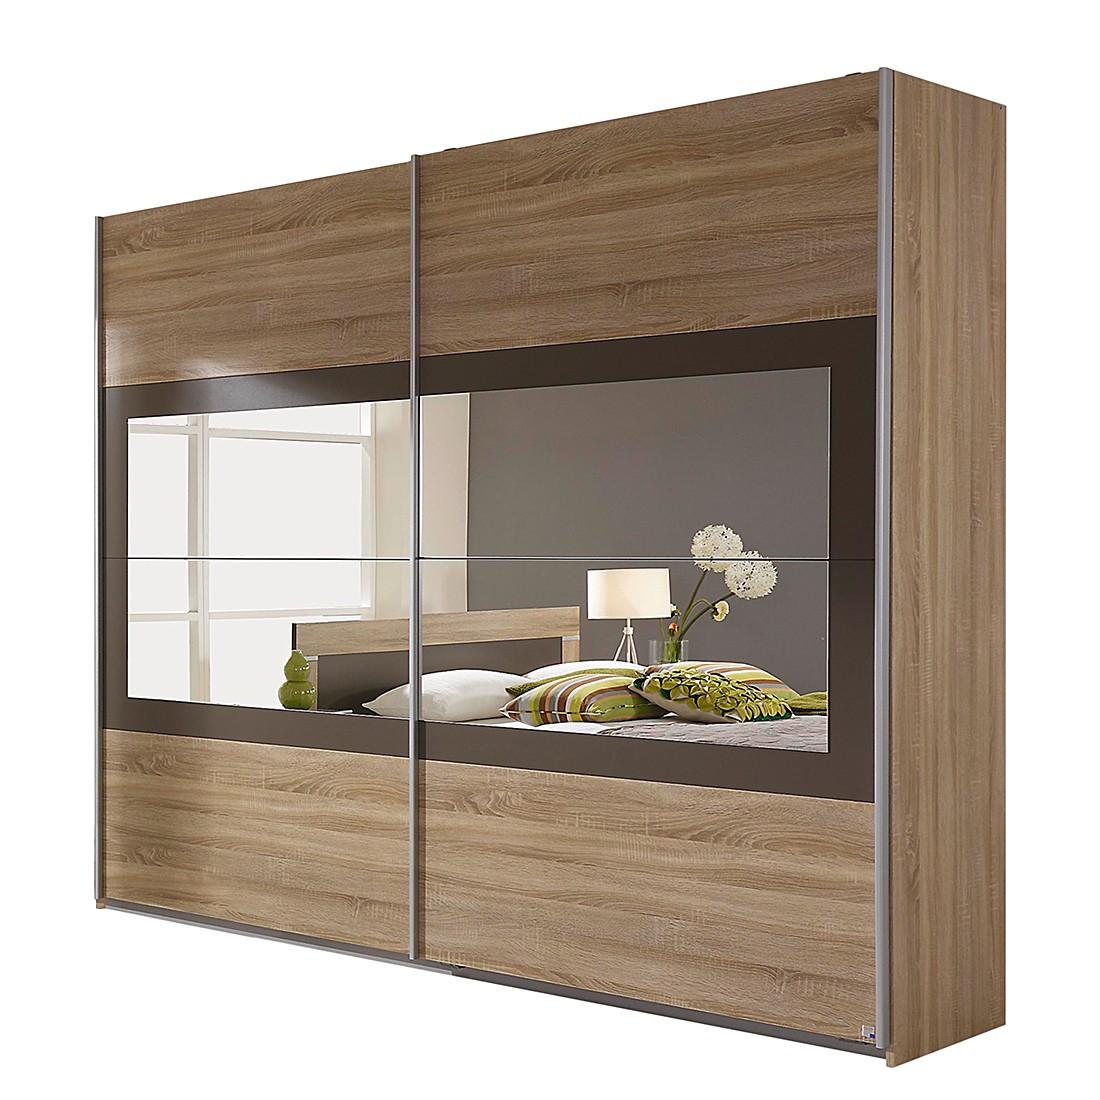 eiche sonoma schrank game schwebetren schrank eiche sonoma wei with eiche sonoma schrank. Black Bedroom Furniture Sets. Home Design Ideas